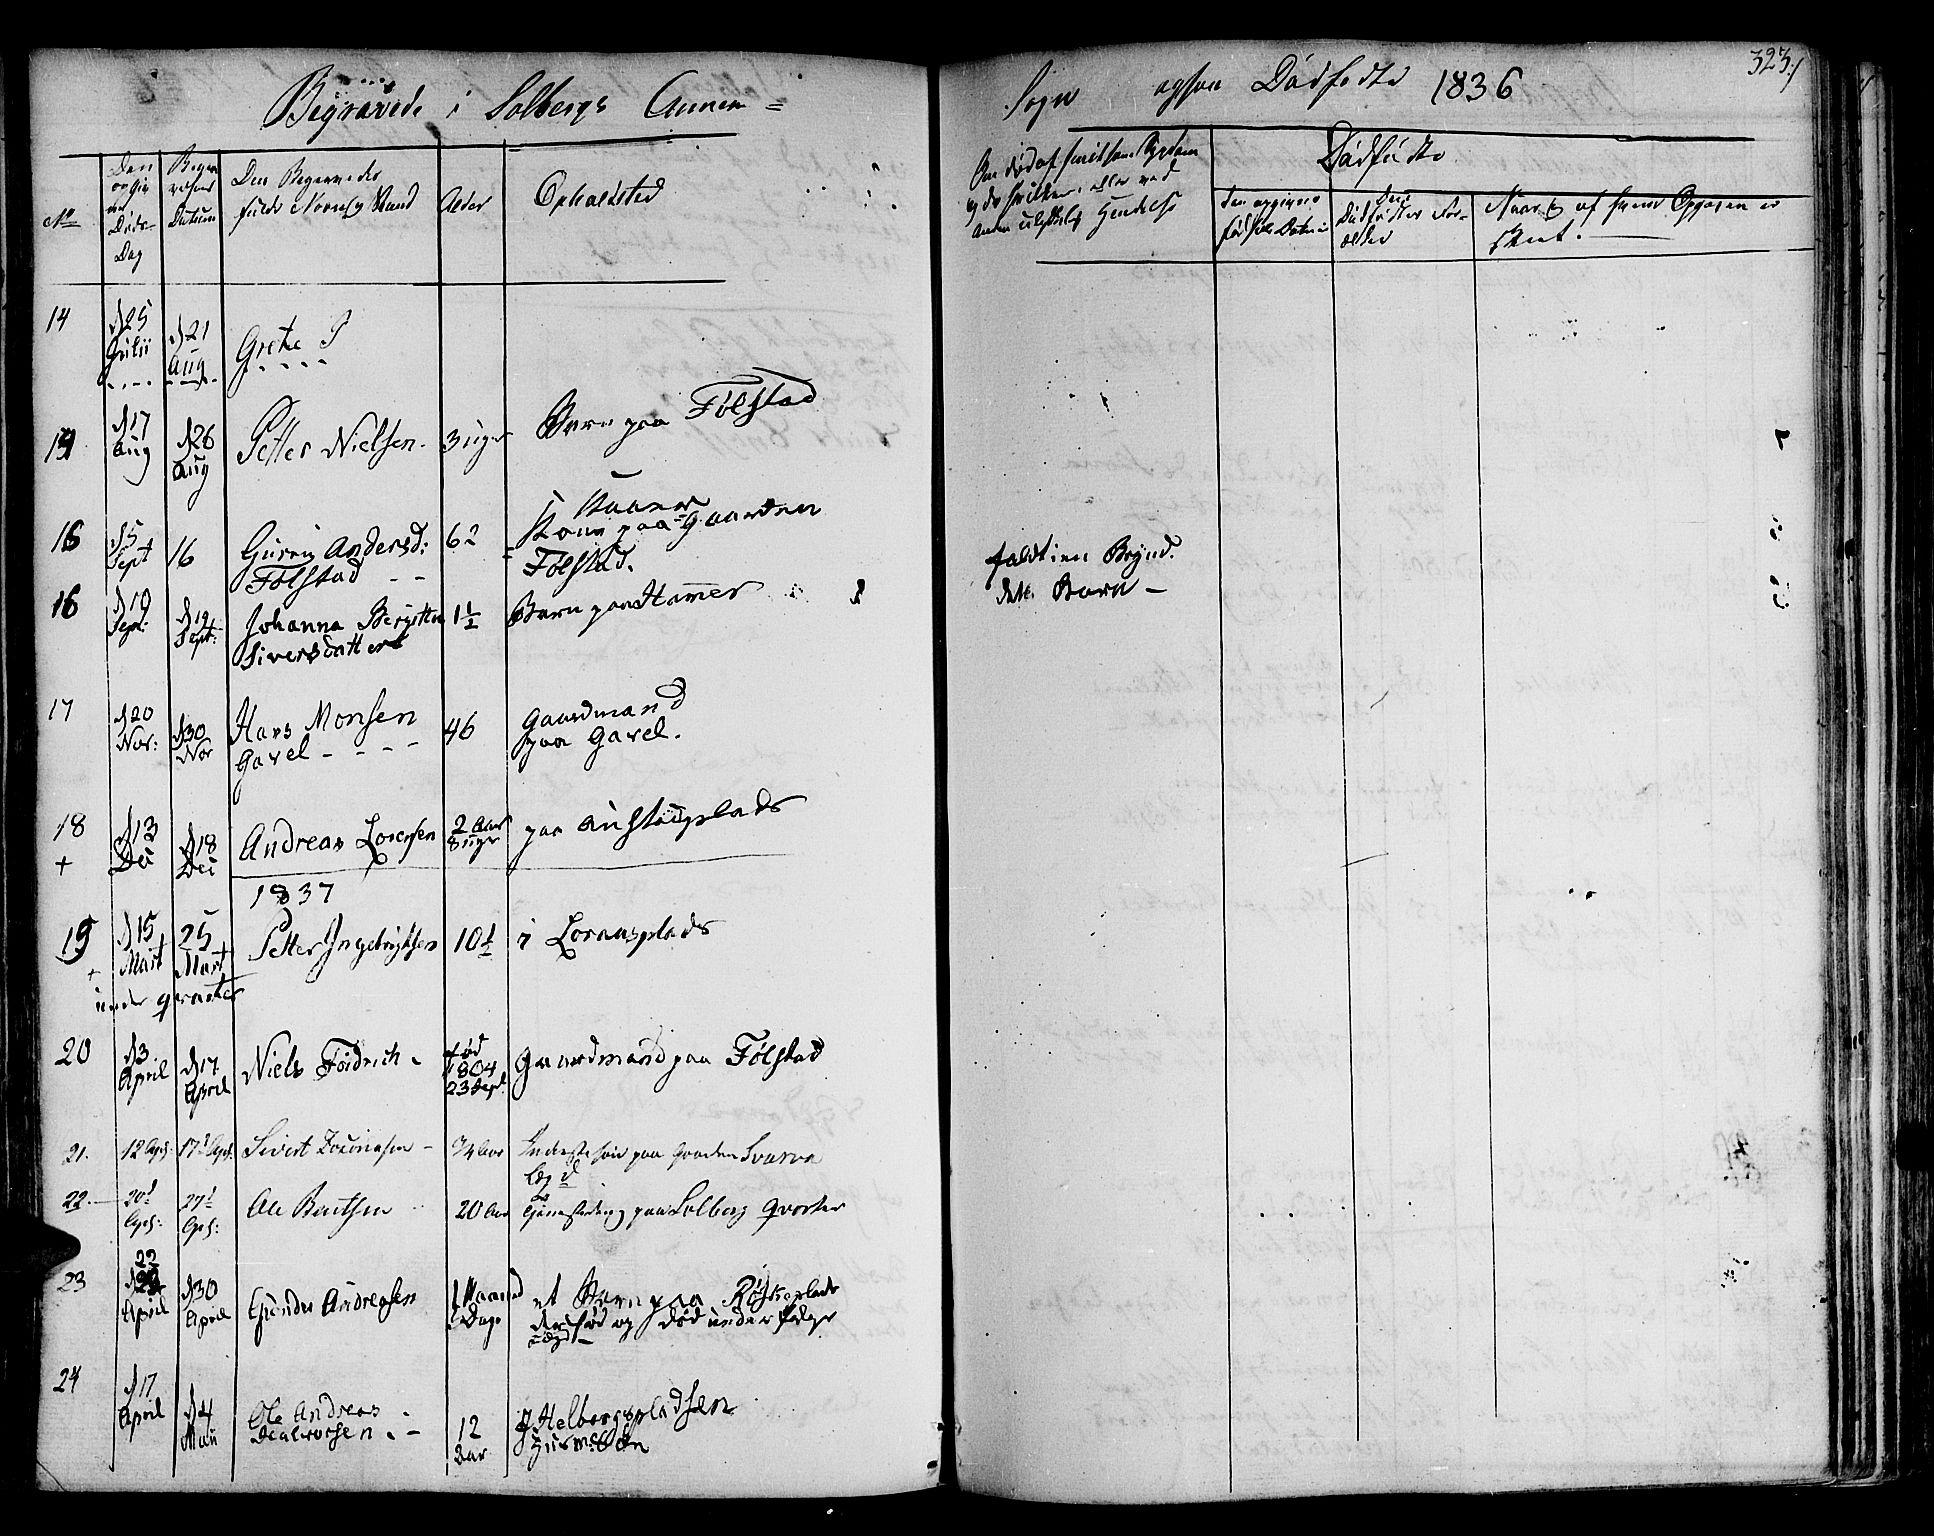 SAT, Ministerialprotokoller, klokkerbøker og fødselsregistre - Nord-Trøndelag, 730/L0277: Ministerialbok nr. 730A06 /2, 1831-1839, s. 323